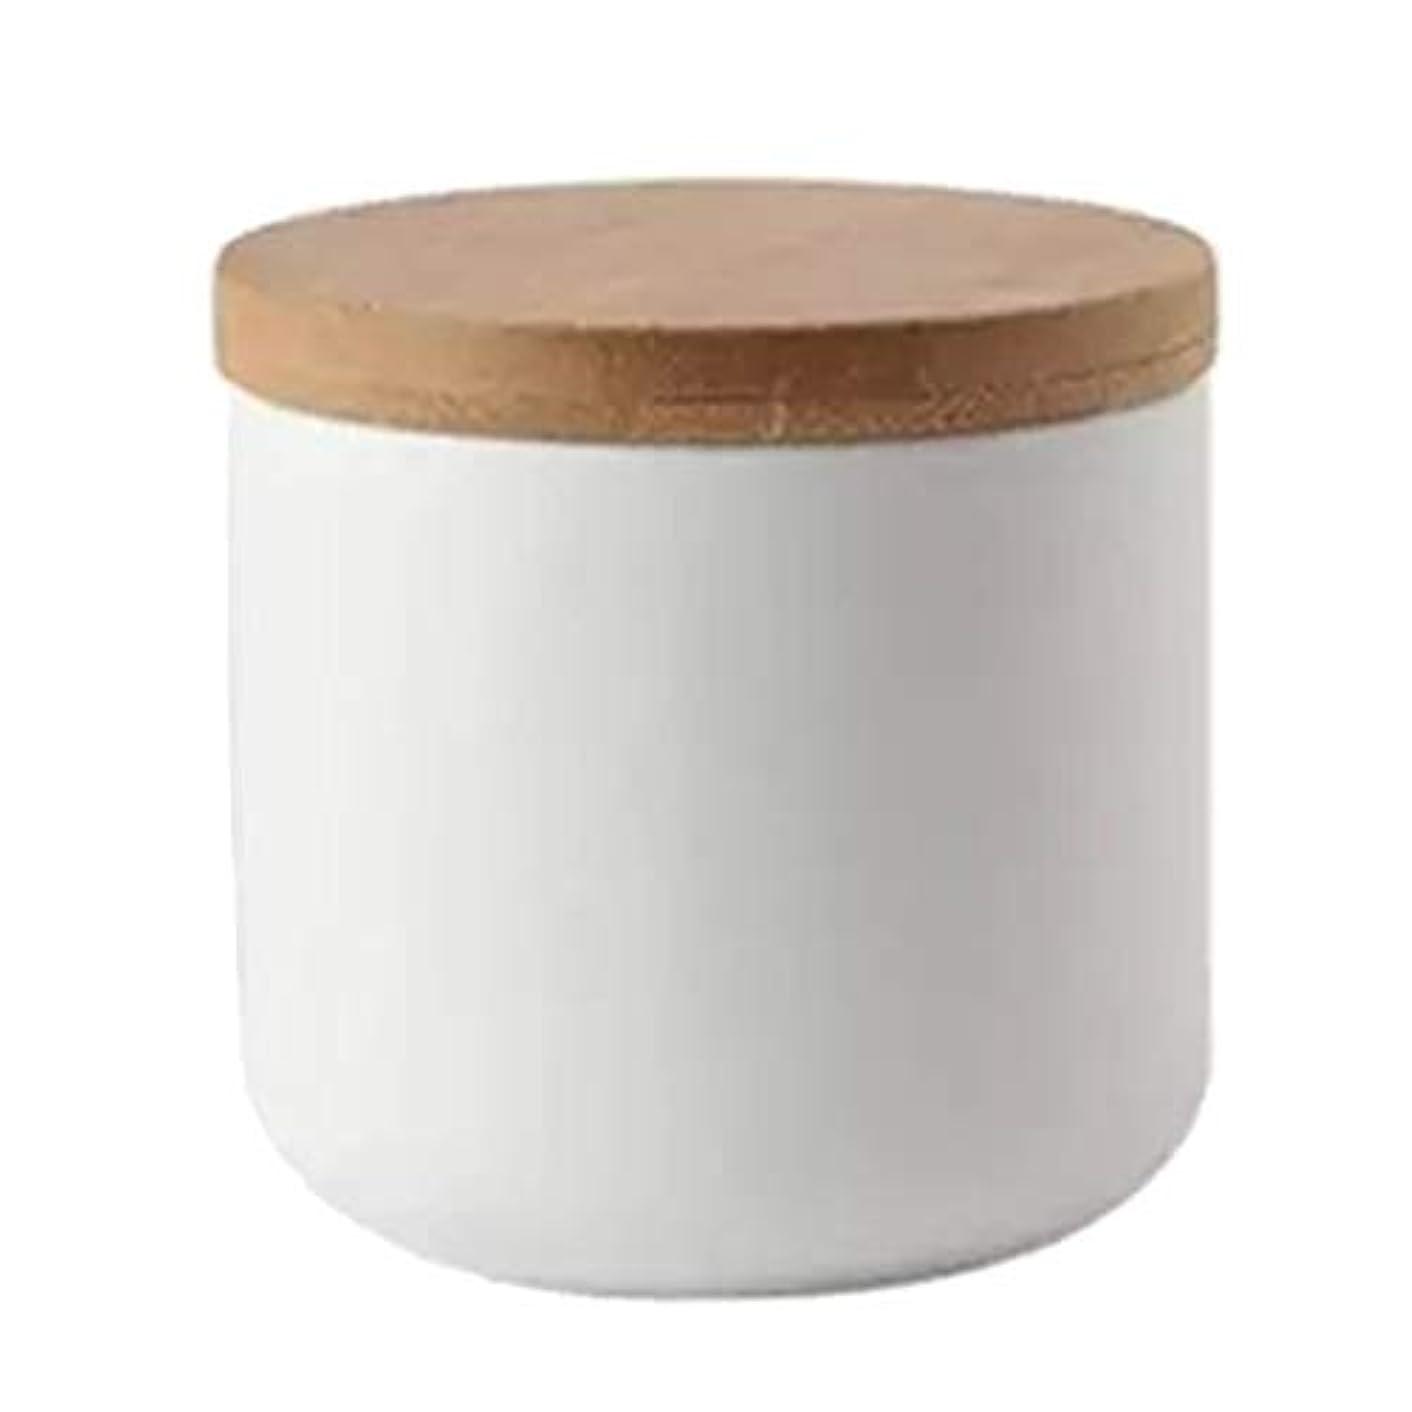 ドアミラー信頼性山化粧品ポット 収納 ボウル ネイルアートリムーバー アルコール ネイルリキッド パウダー コンテナ 全2色 - 白い